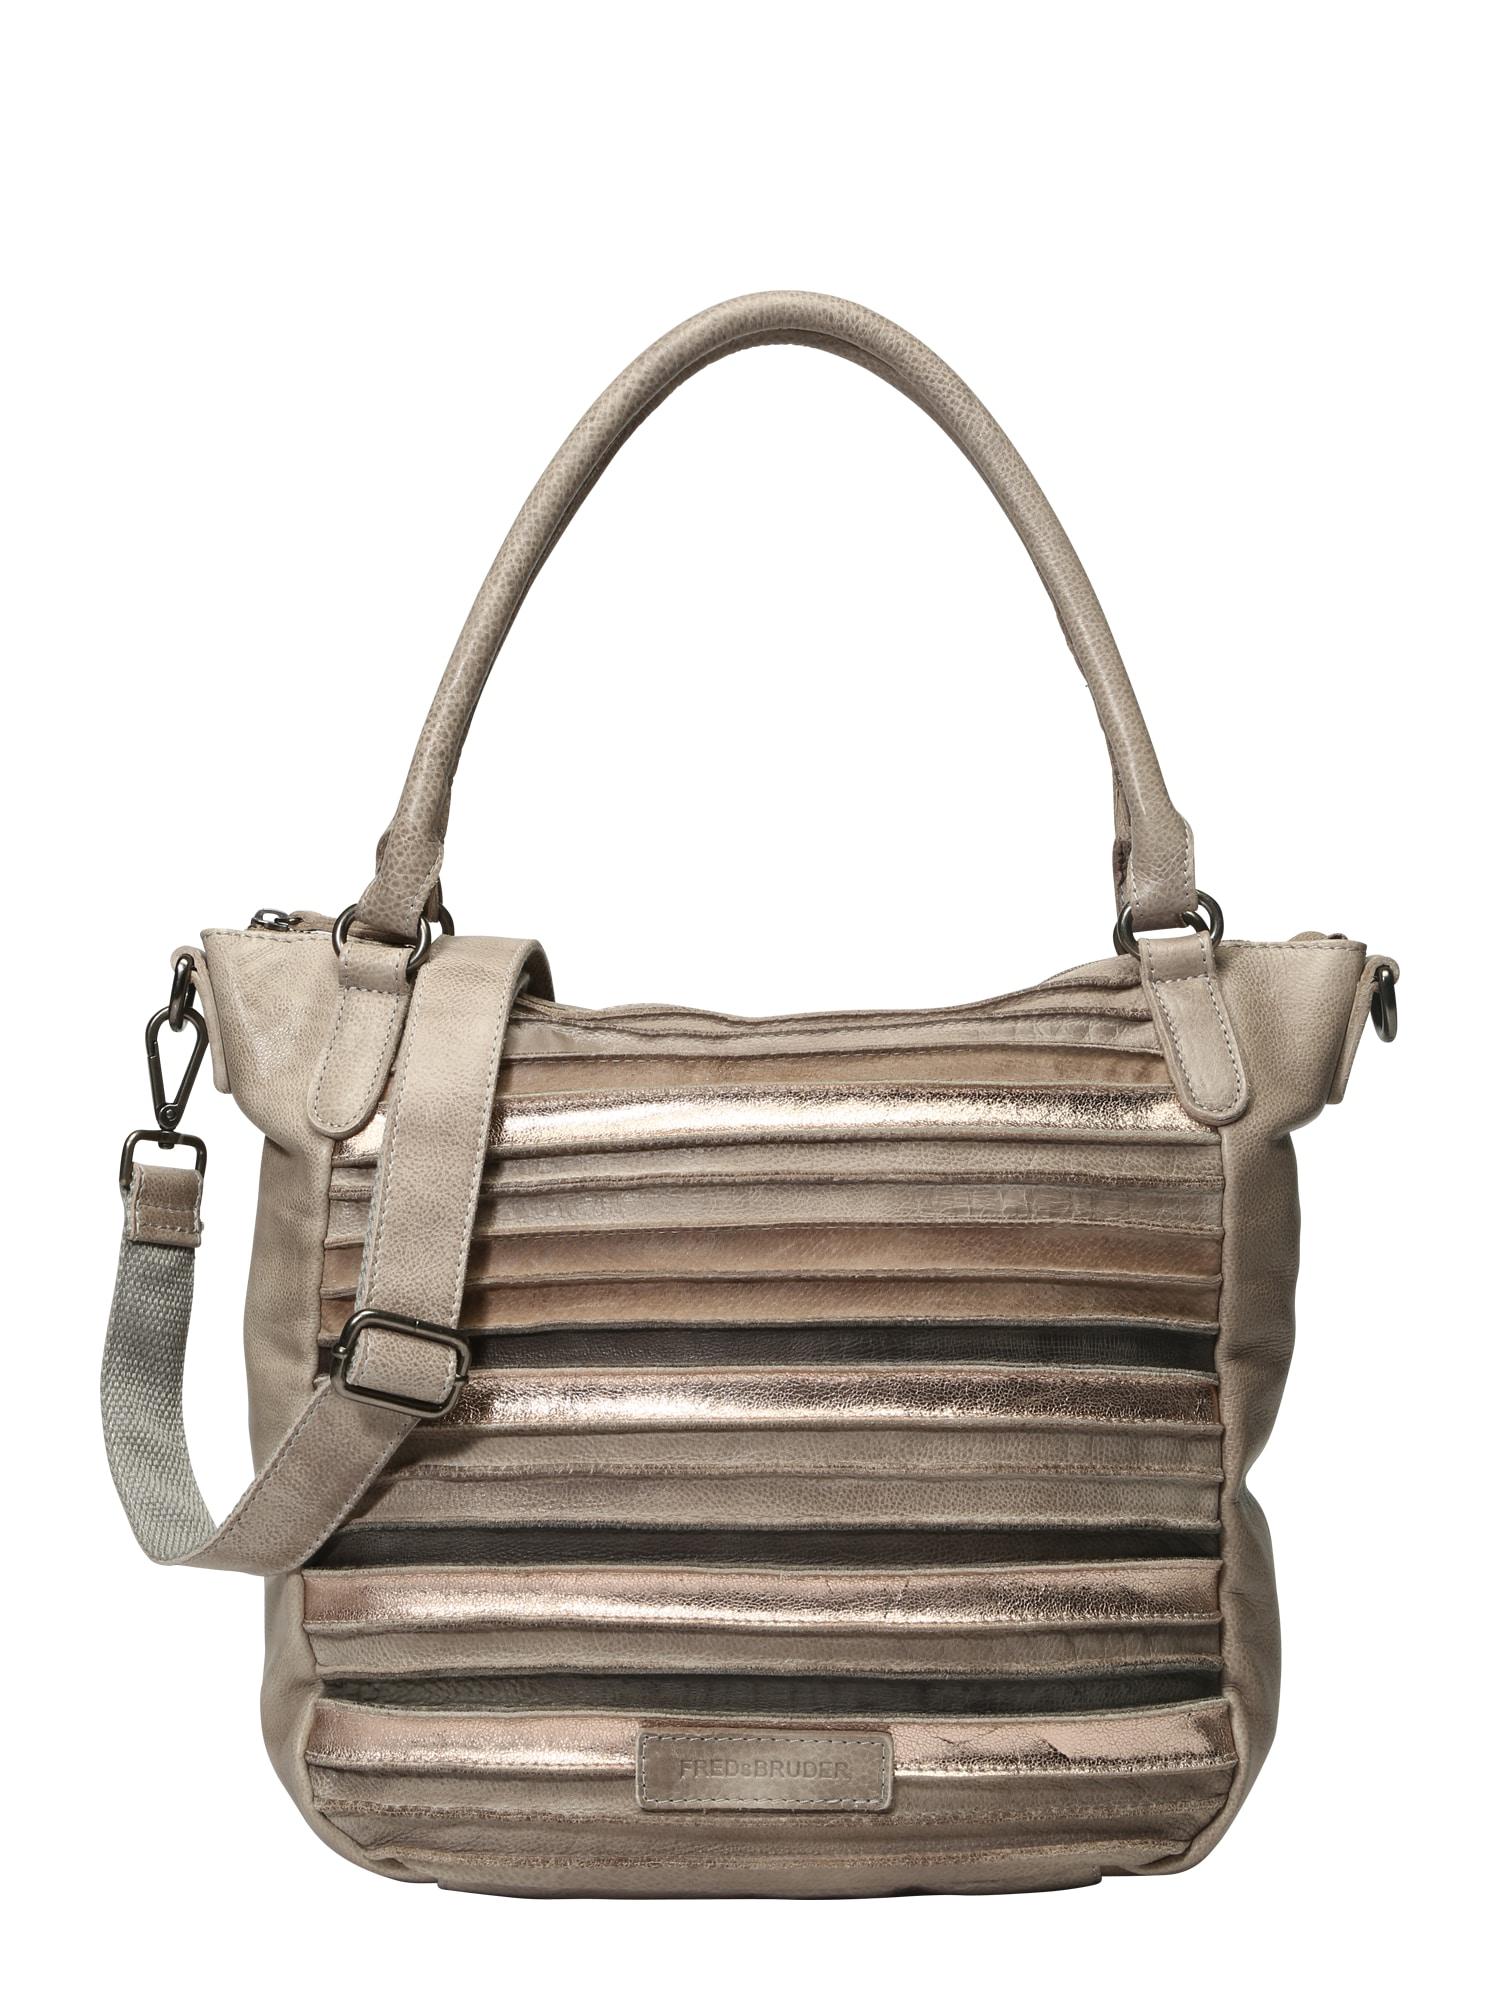 Nákupní taška Pop Art písková bronzová FREDsBRUDER